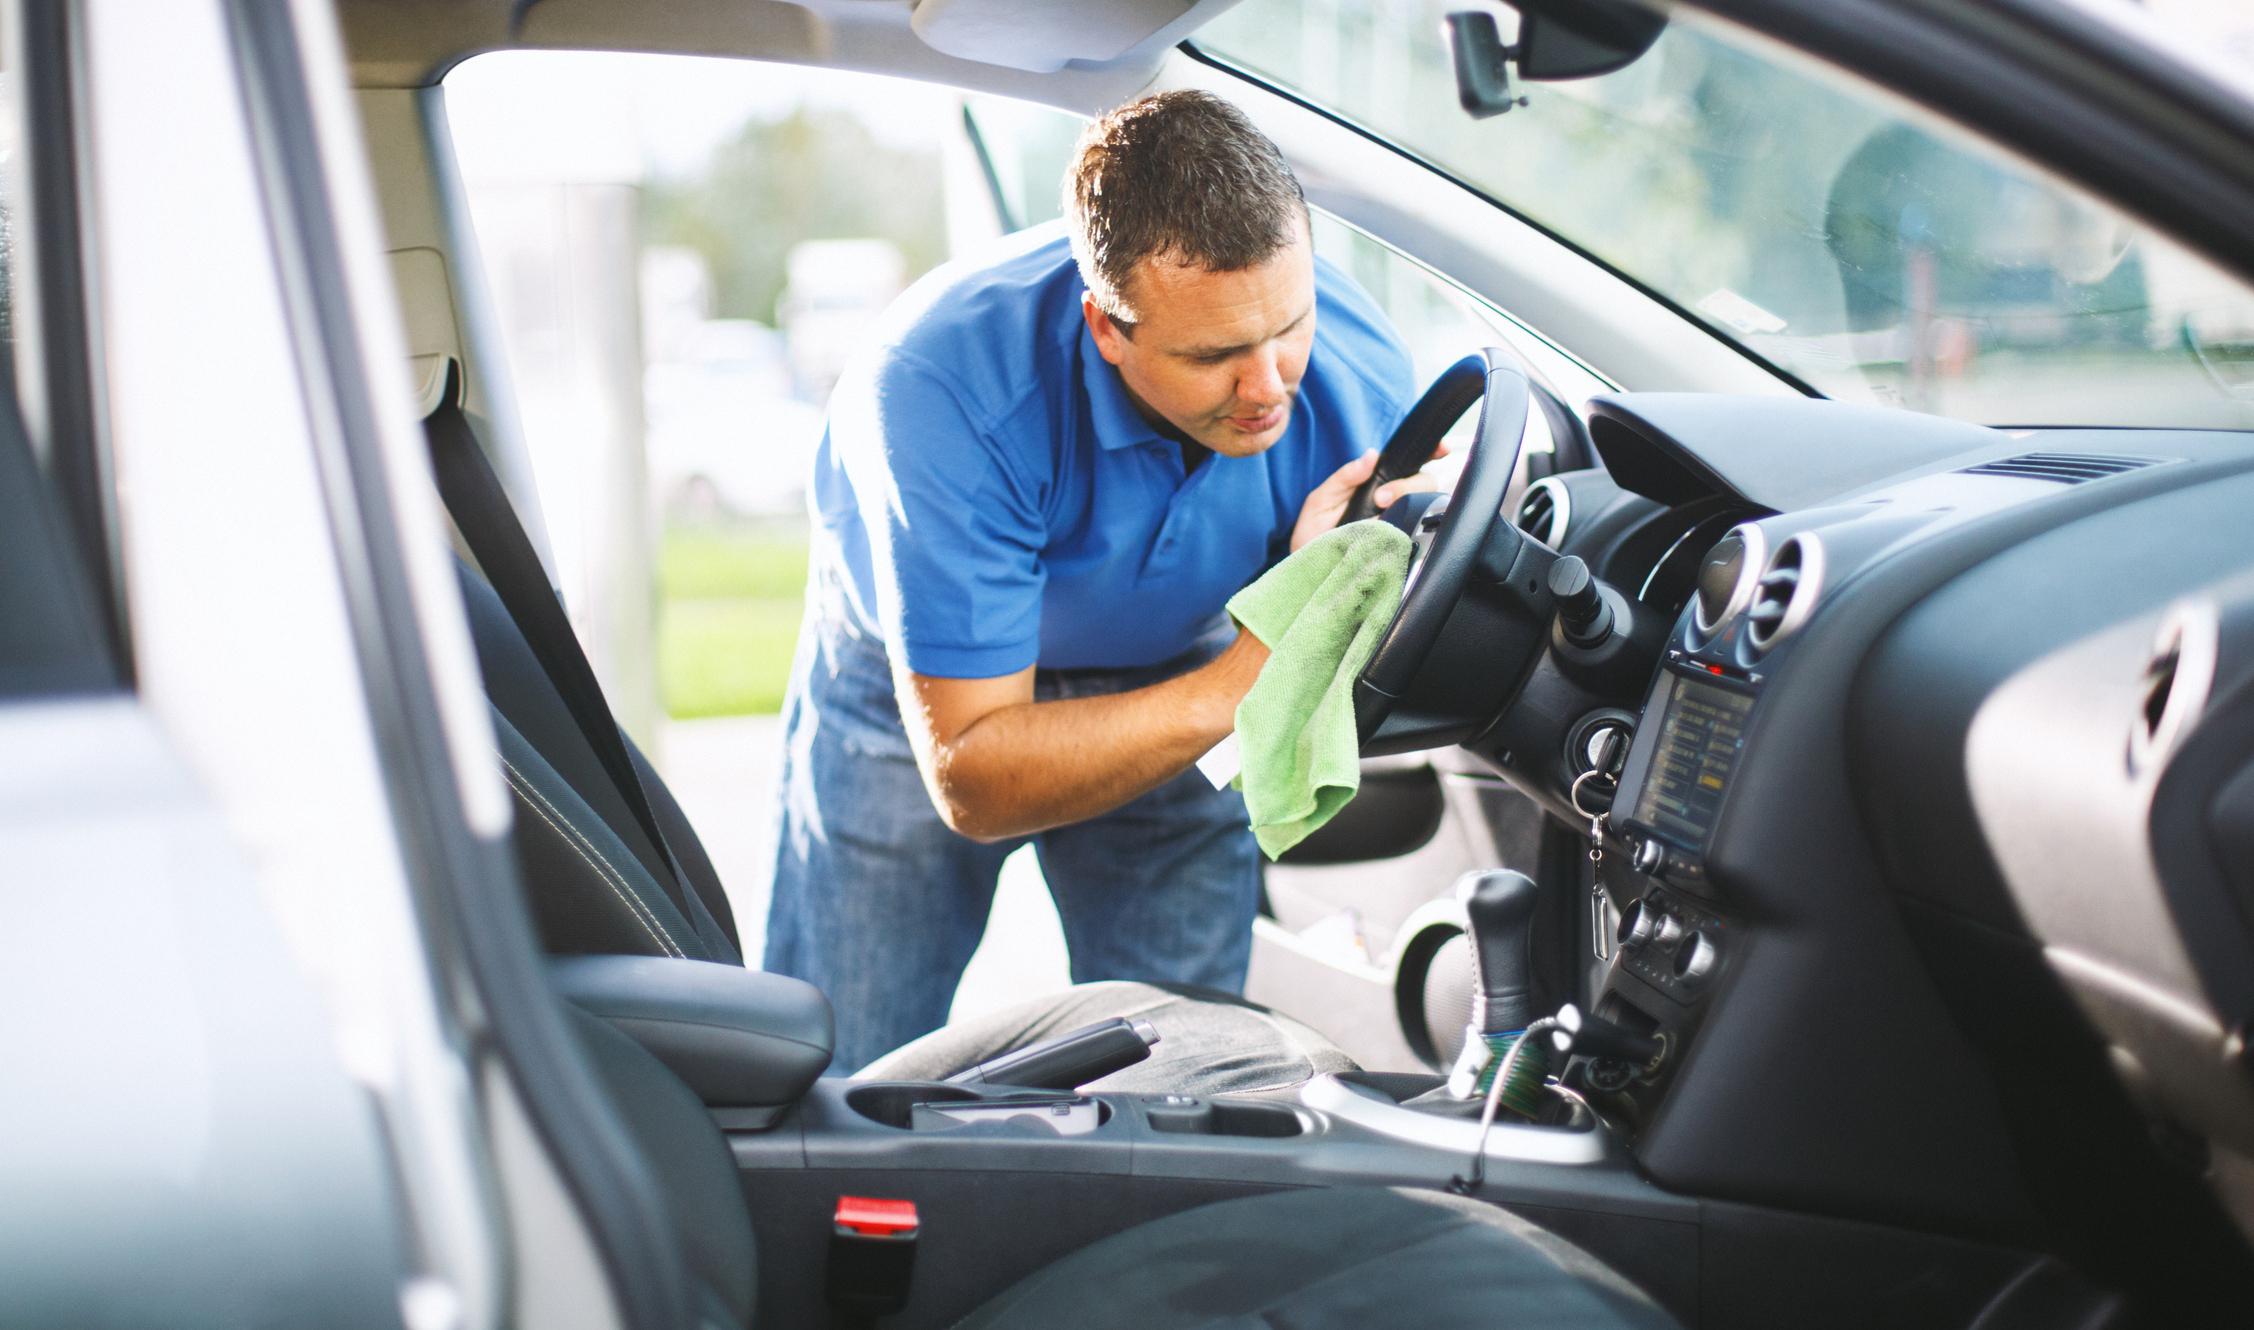 Especial: Limpeza do carro